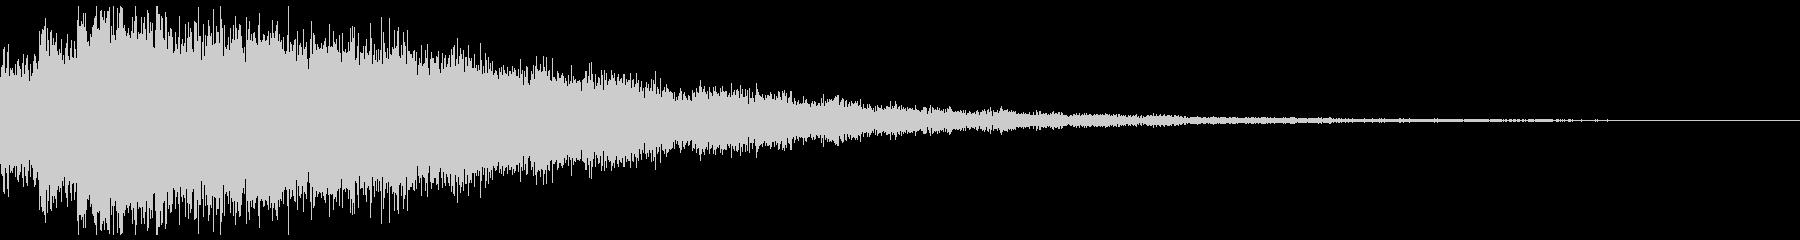 起動音、サウンドロゴの未再生の波形